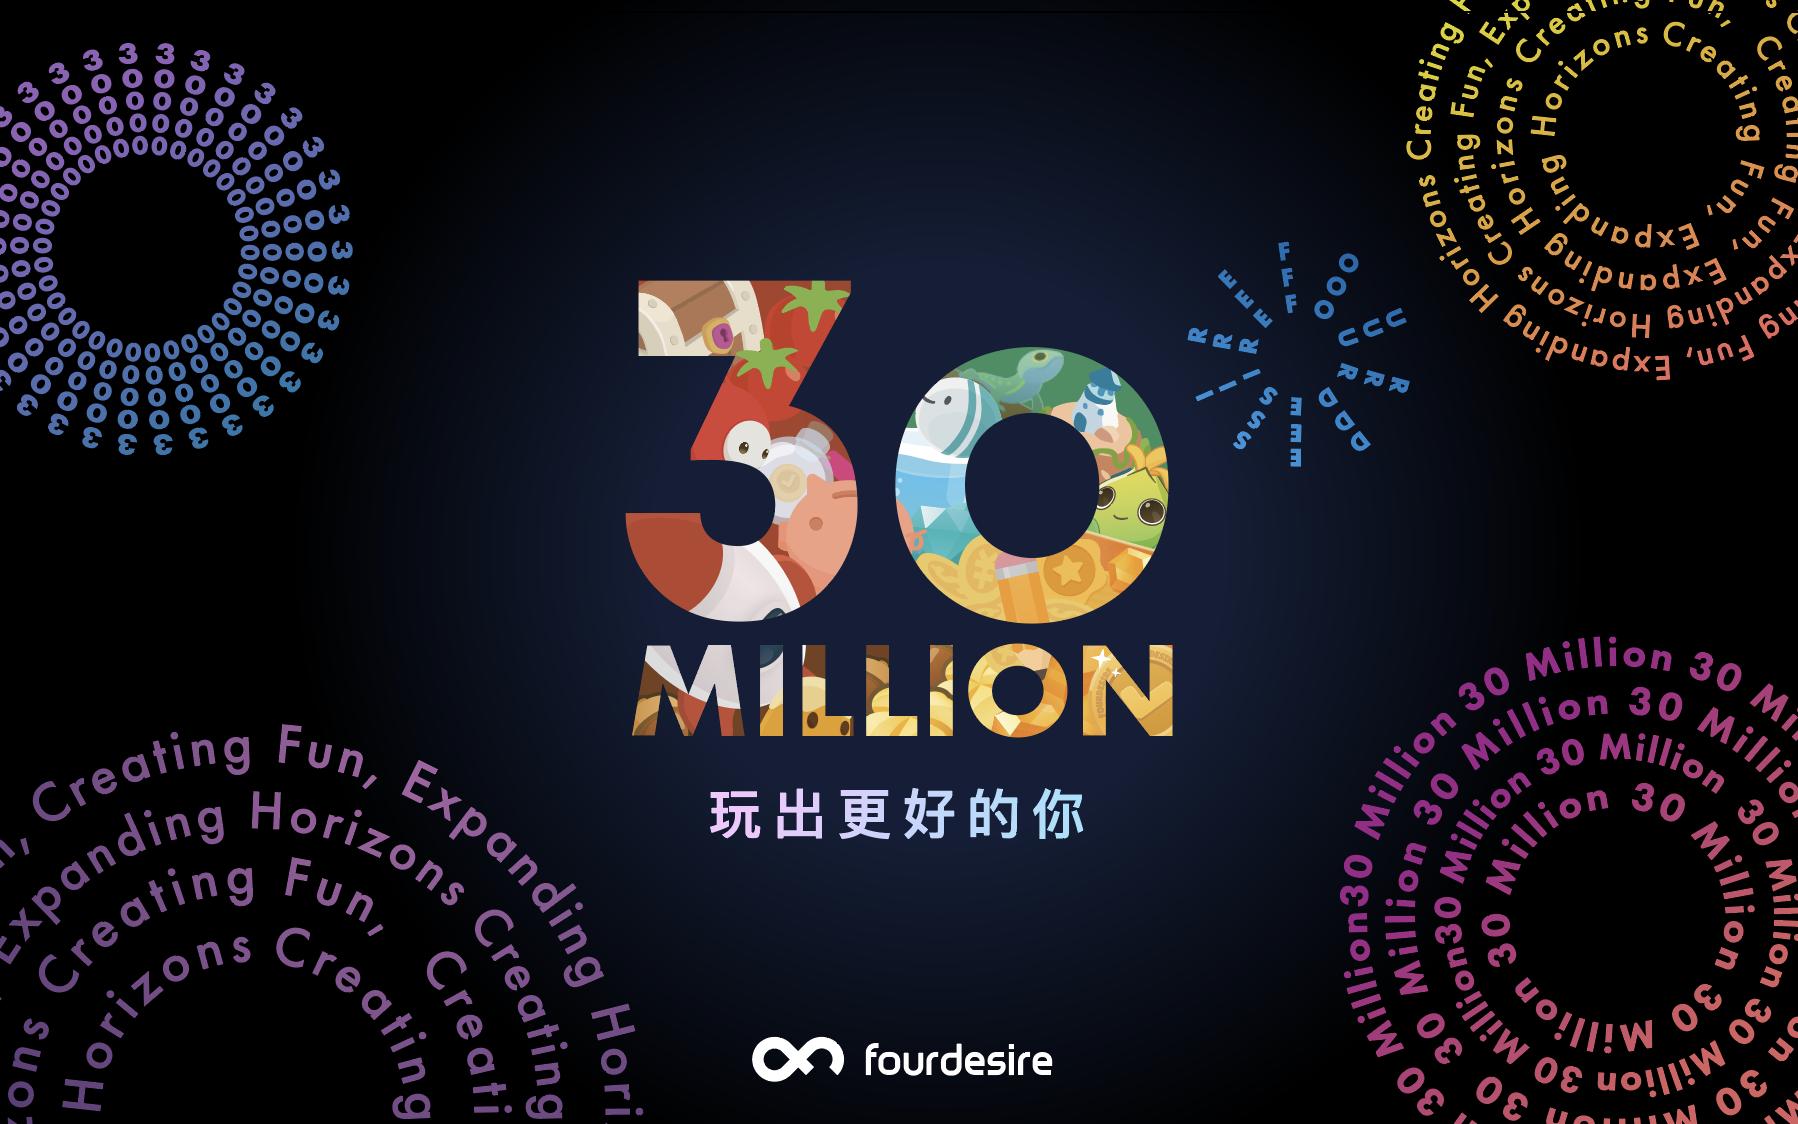 「玩出更好的你!」Fourdesire App 慶全球下載破 3 千萬